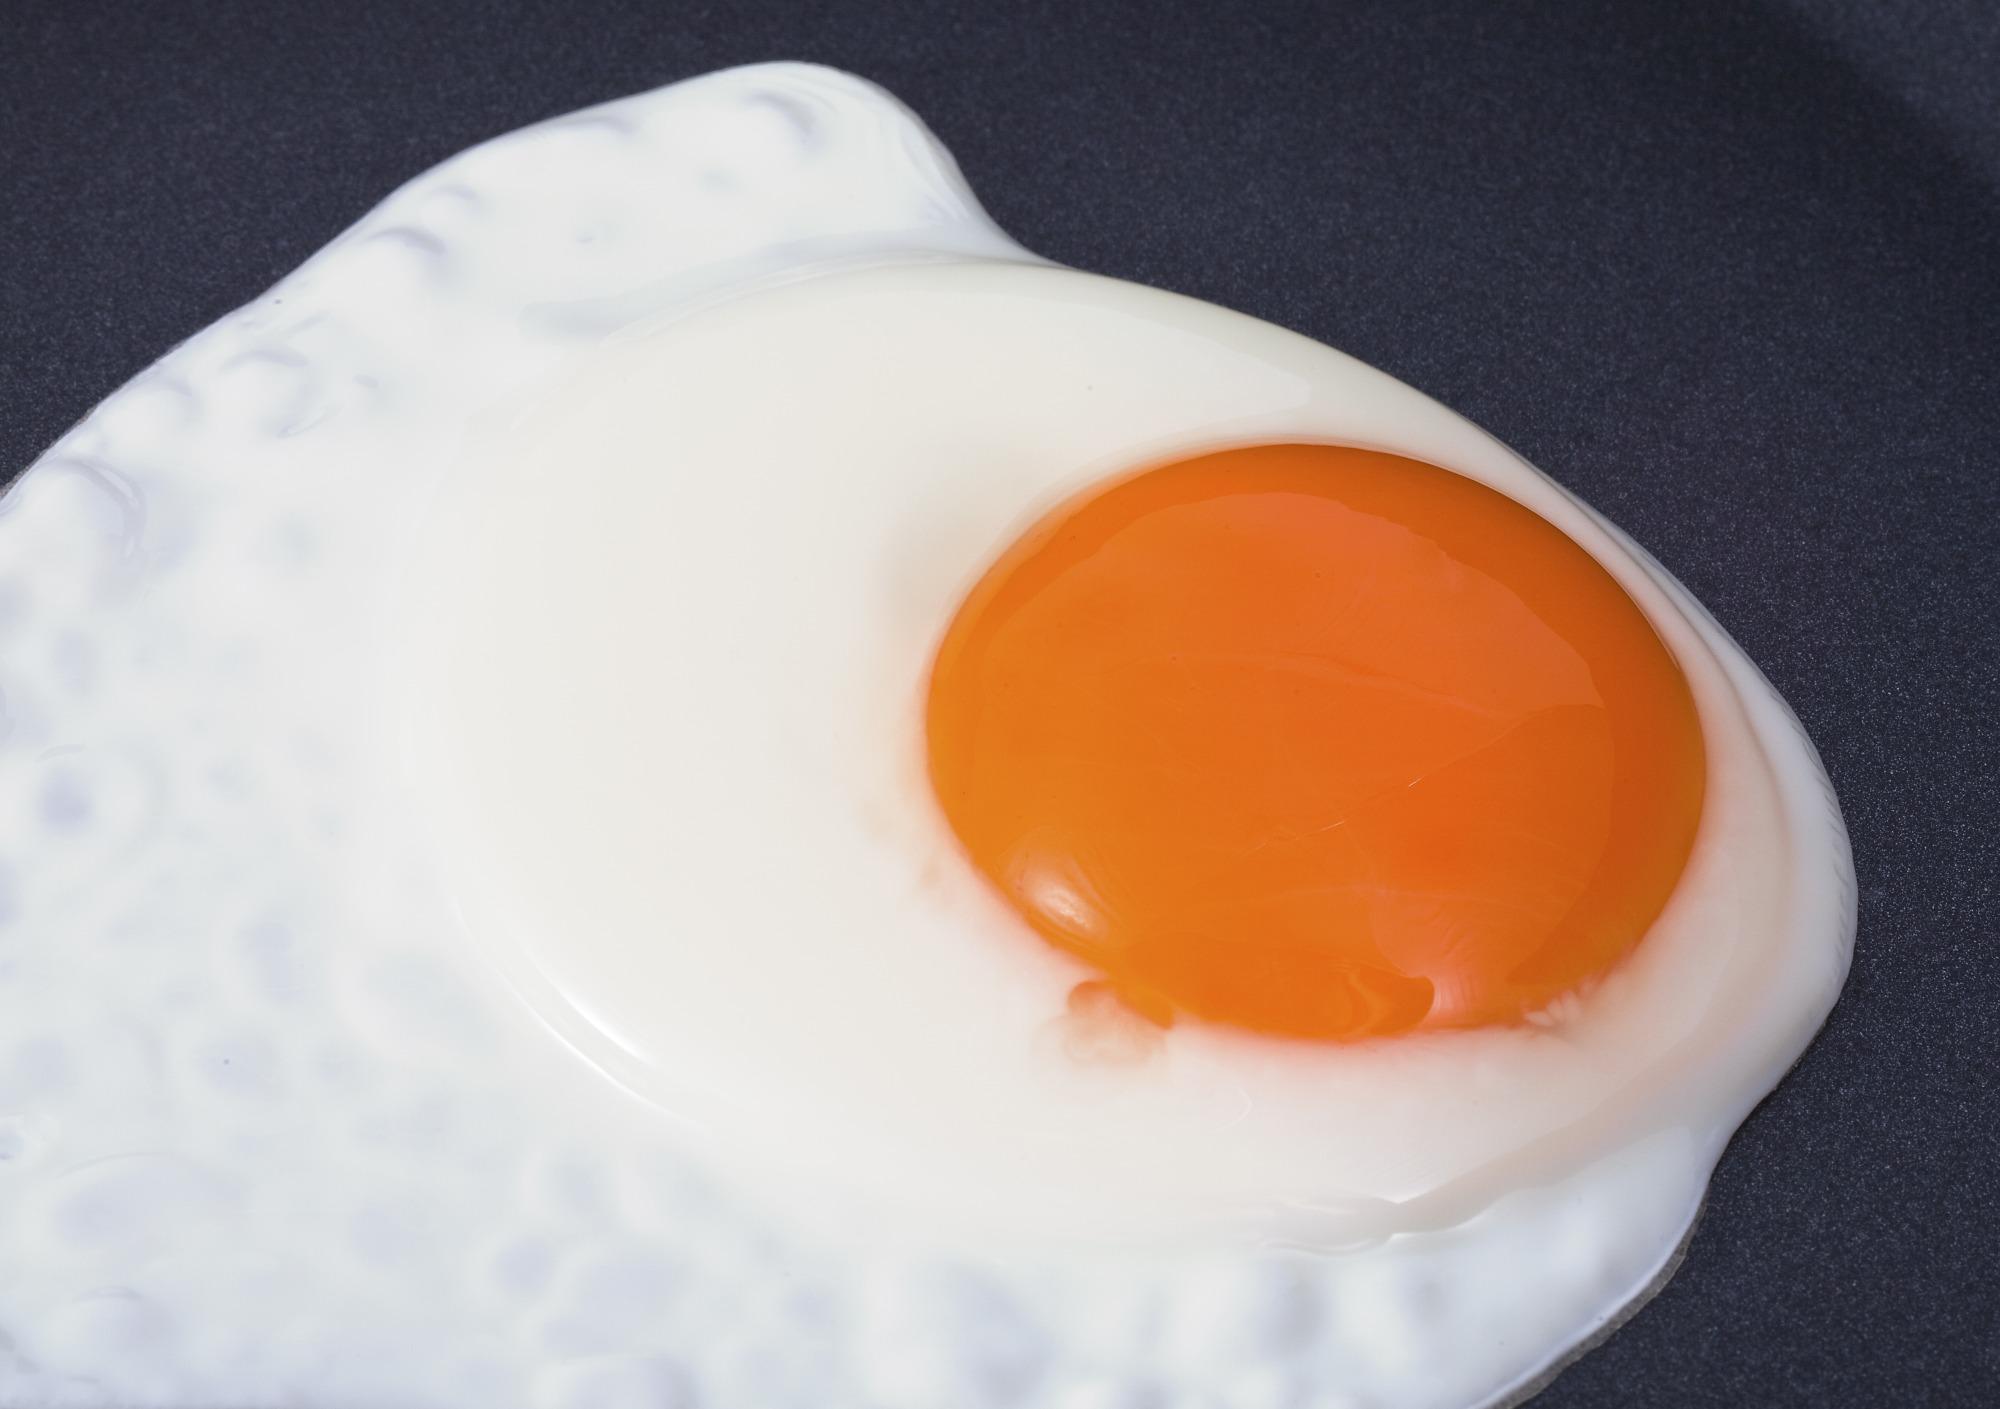 Espanhóis vão instalar produtoras de ovos fritos congelados e líquidos no RS